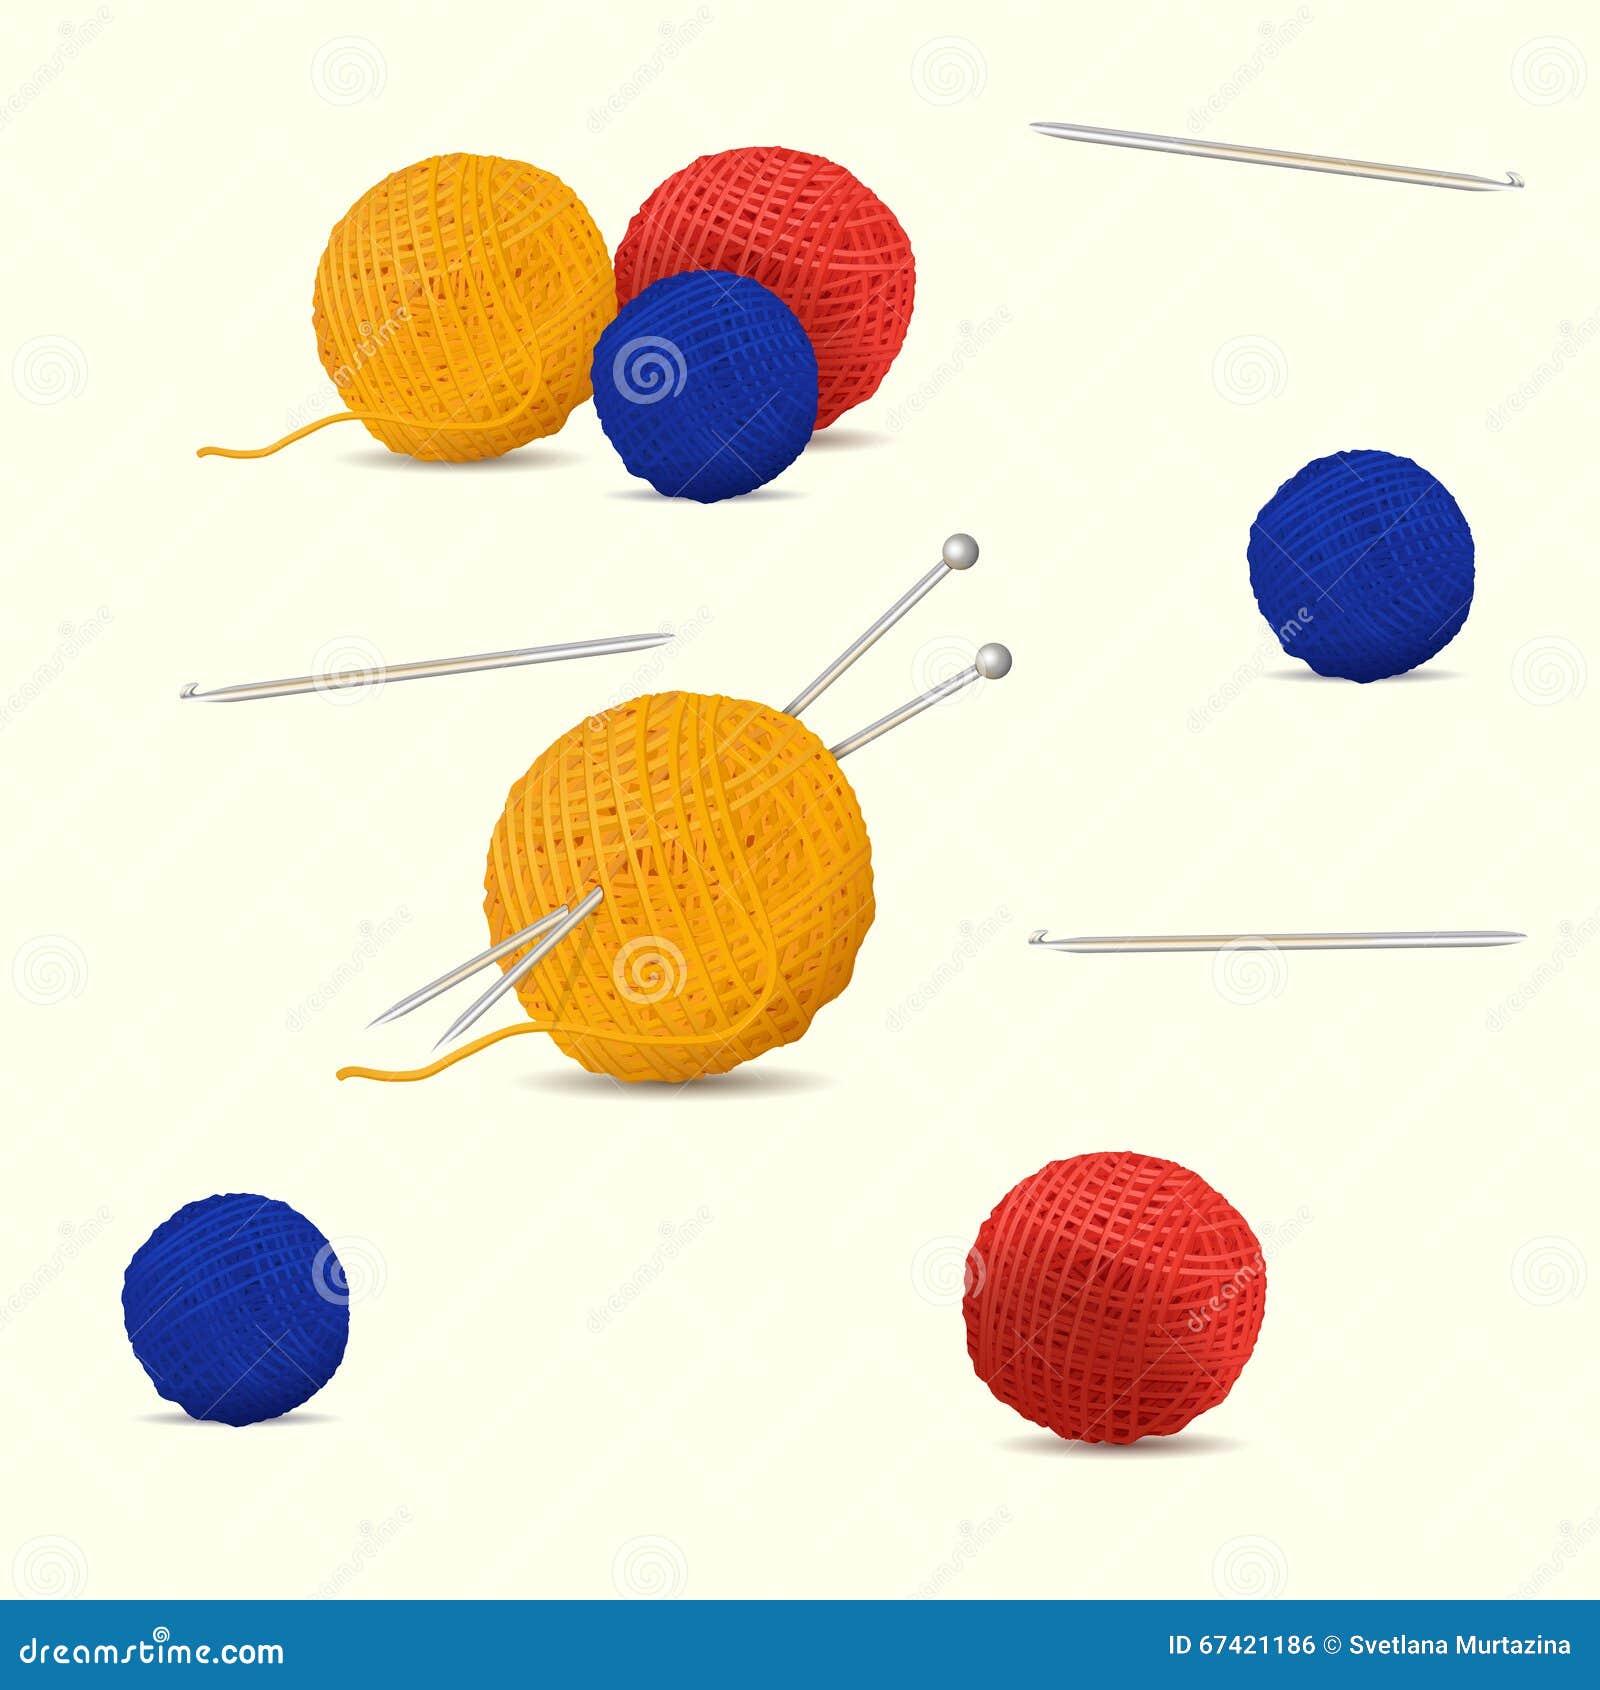 Άνευ ραφής χρωματισμένα σχέδιο νηματοδέματα του νήματος για το πλέξιμο